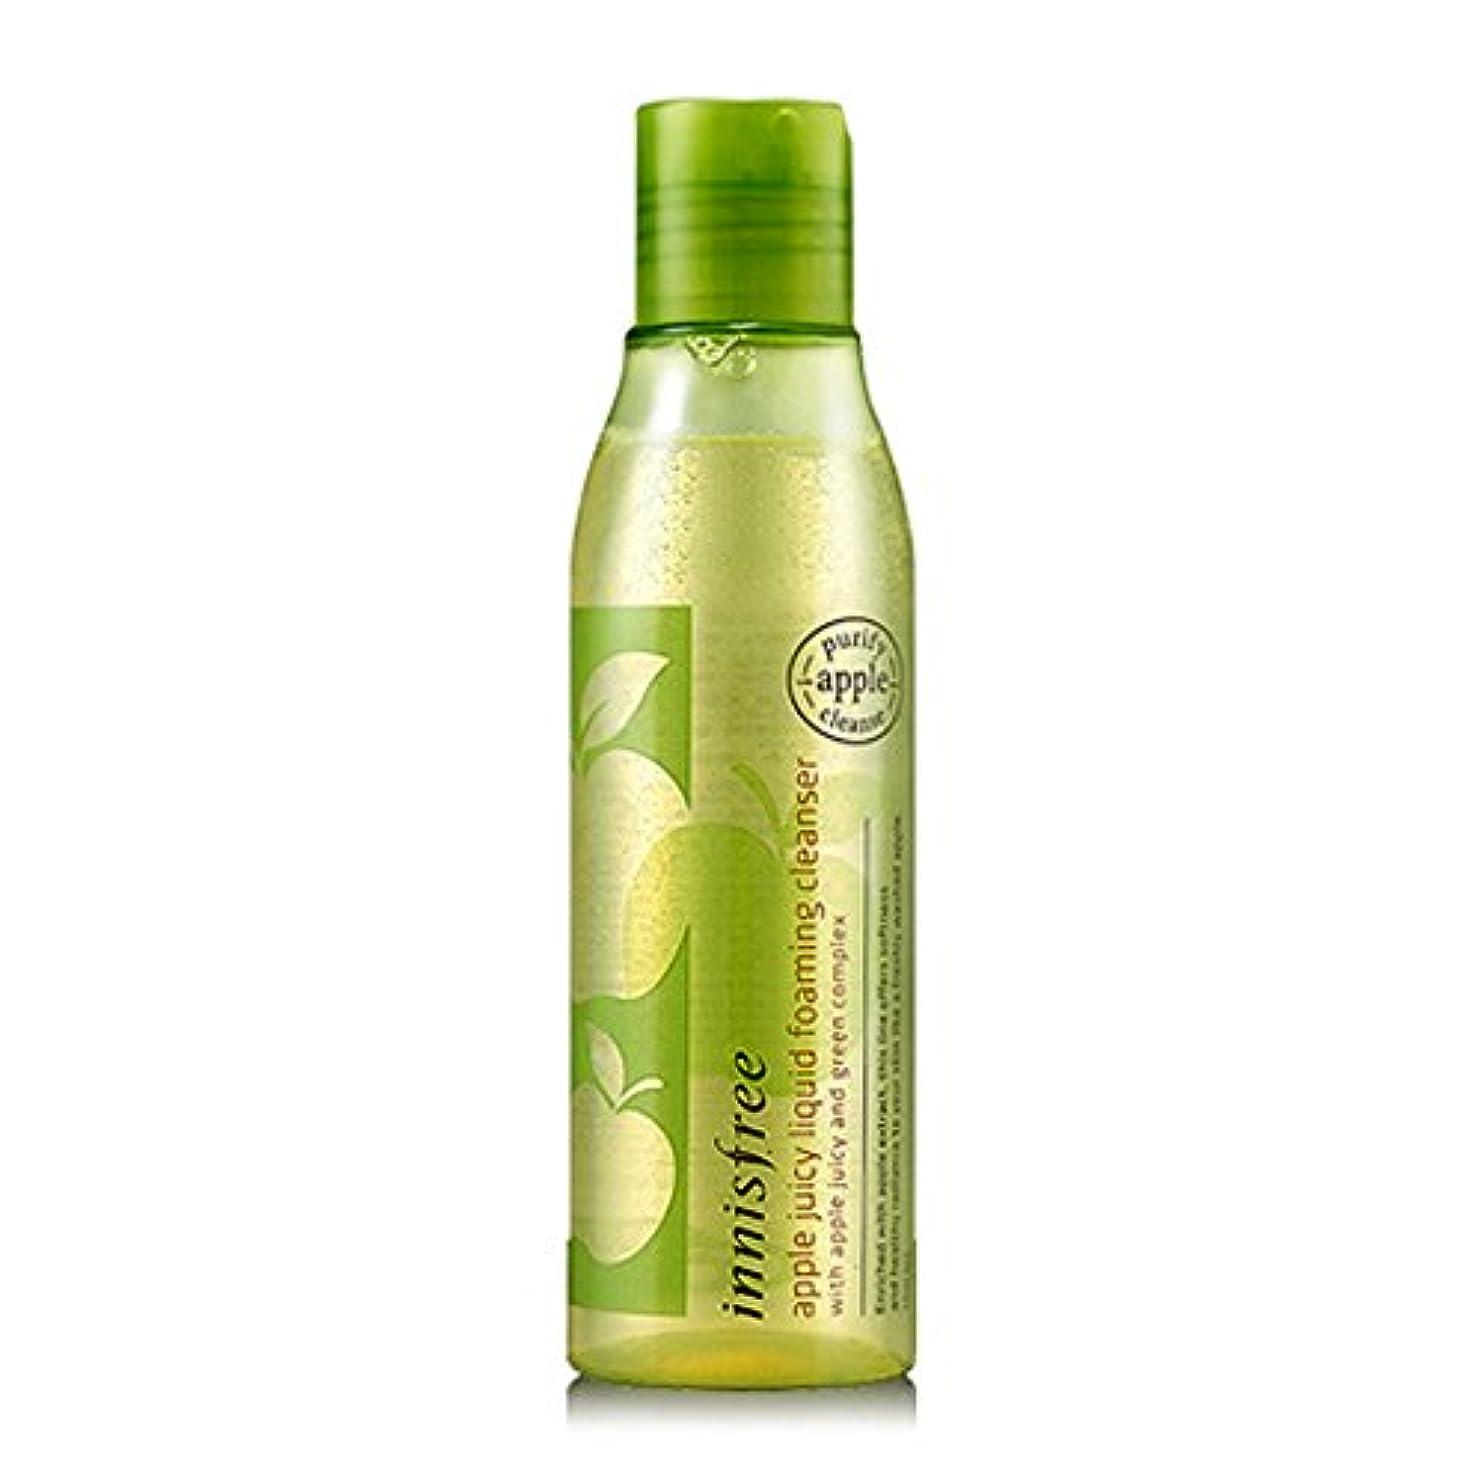 水早熟タンカー[イニスフリー Innsfree] Apple Juicy Liquid Foaming Cleanser 150ml